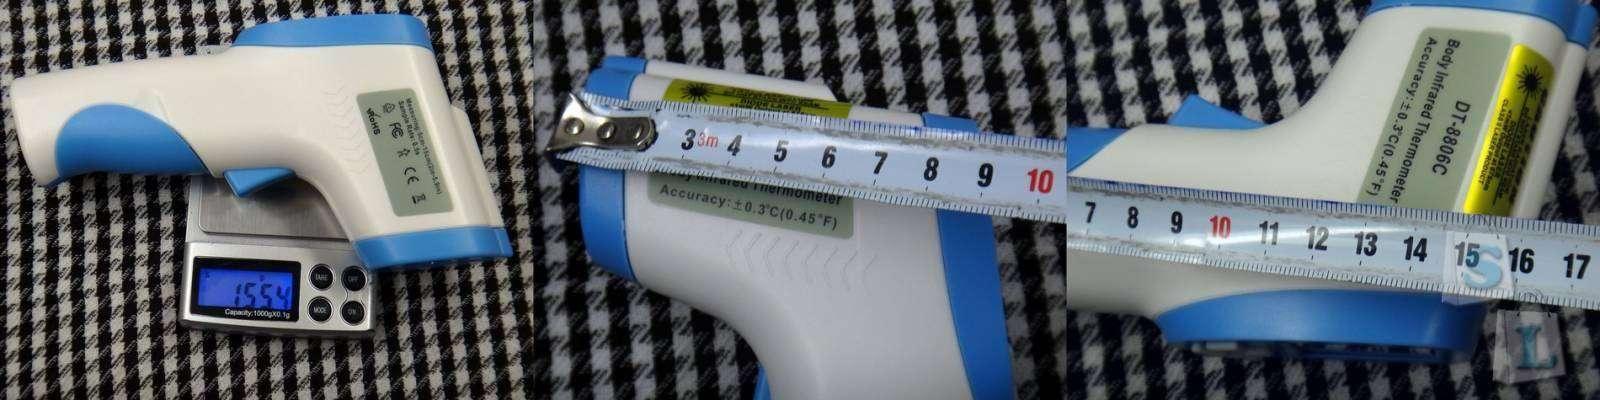 TVC-Mall: Обзор пирометра DT-8806C инфракрасный термометр с лазерным прицелом